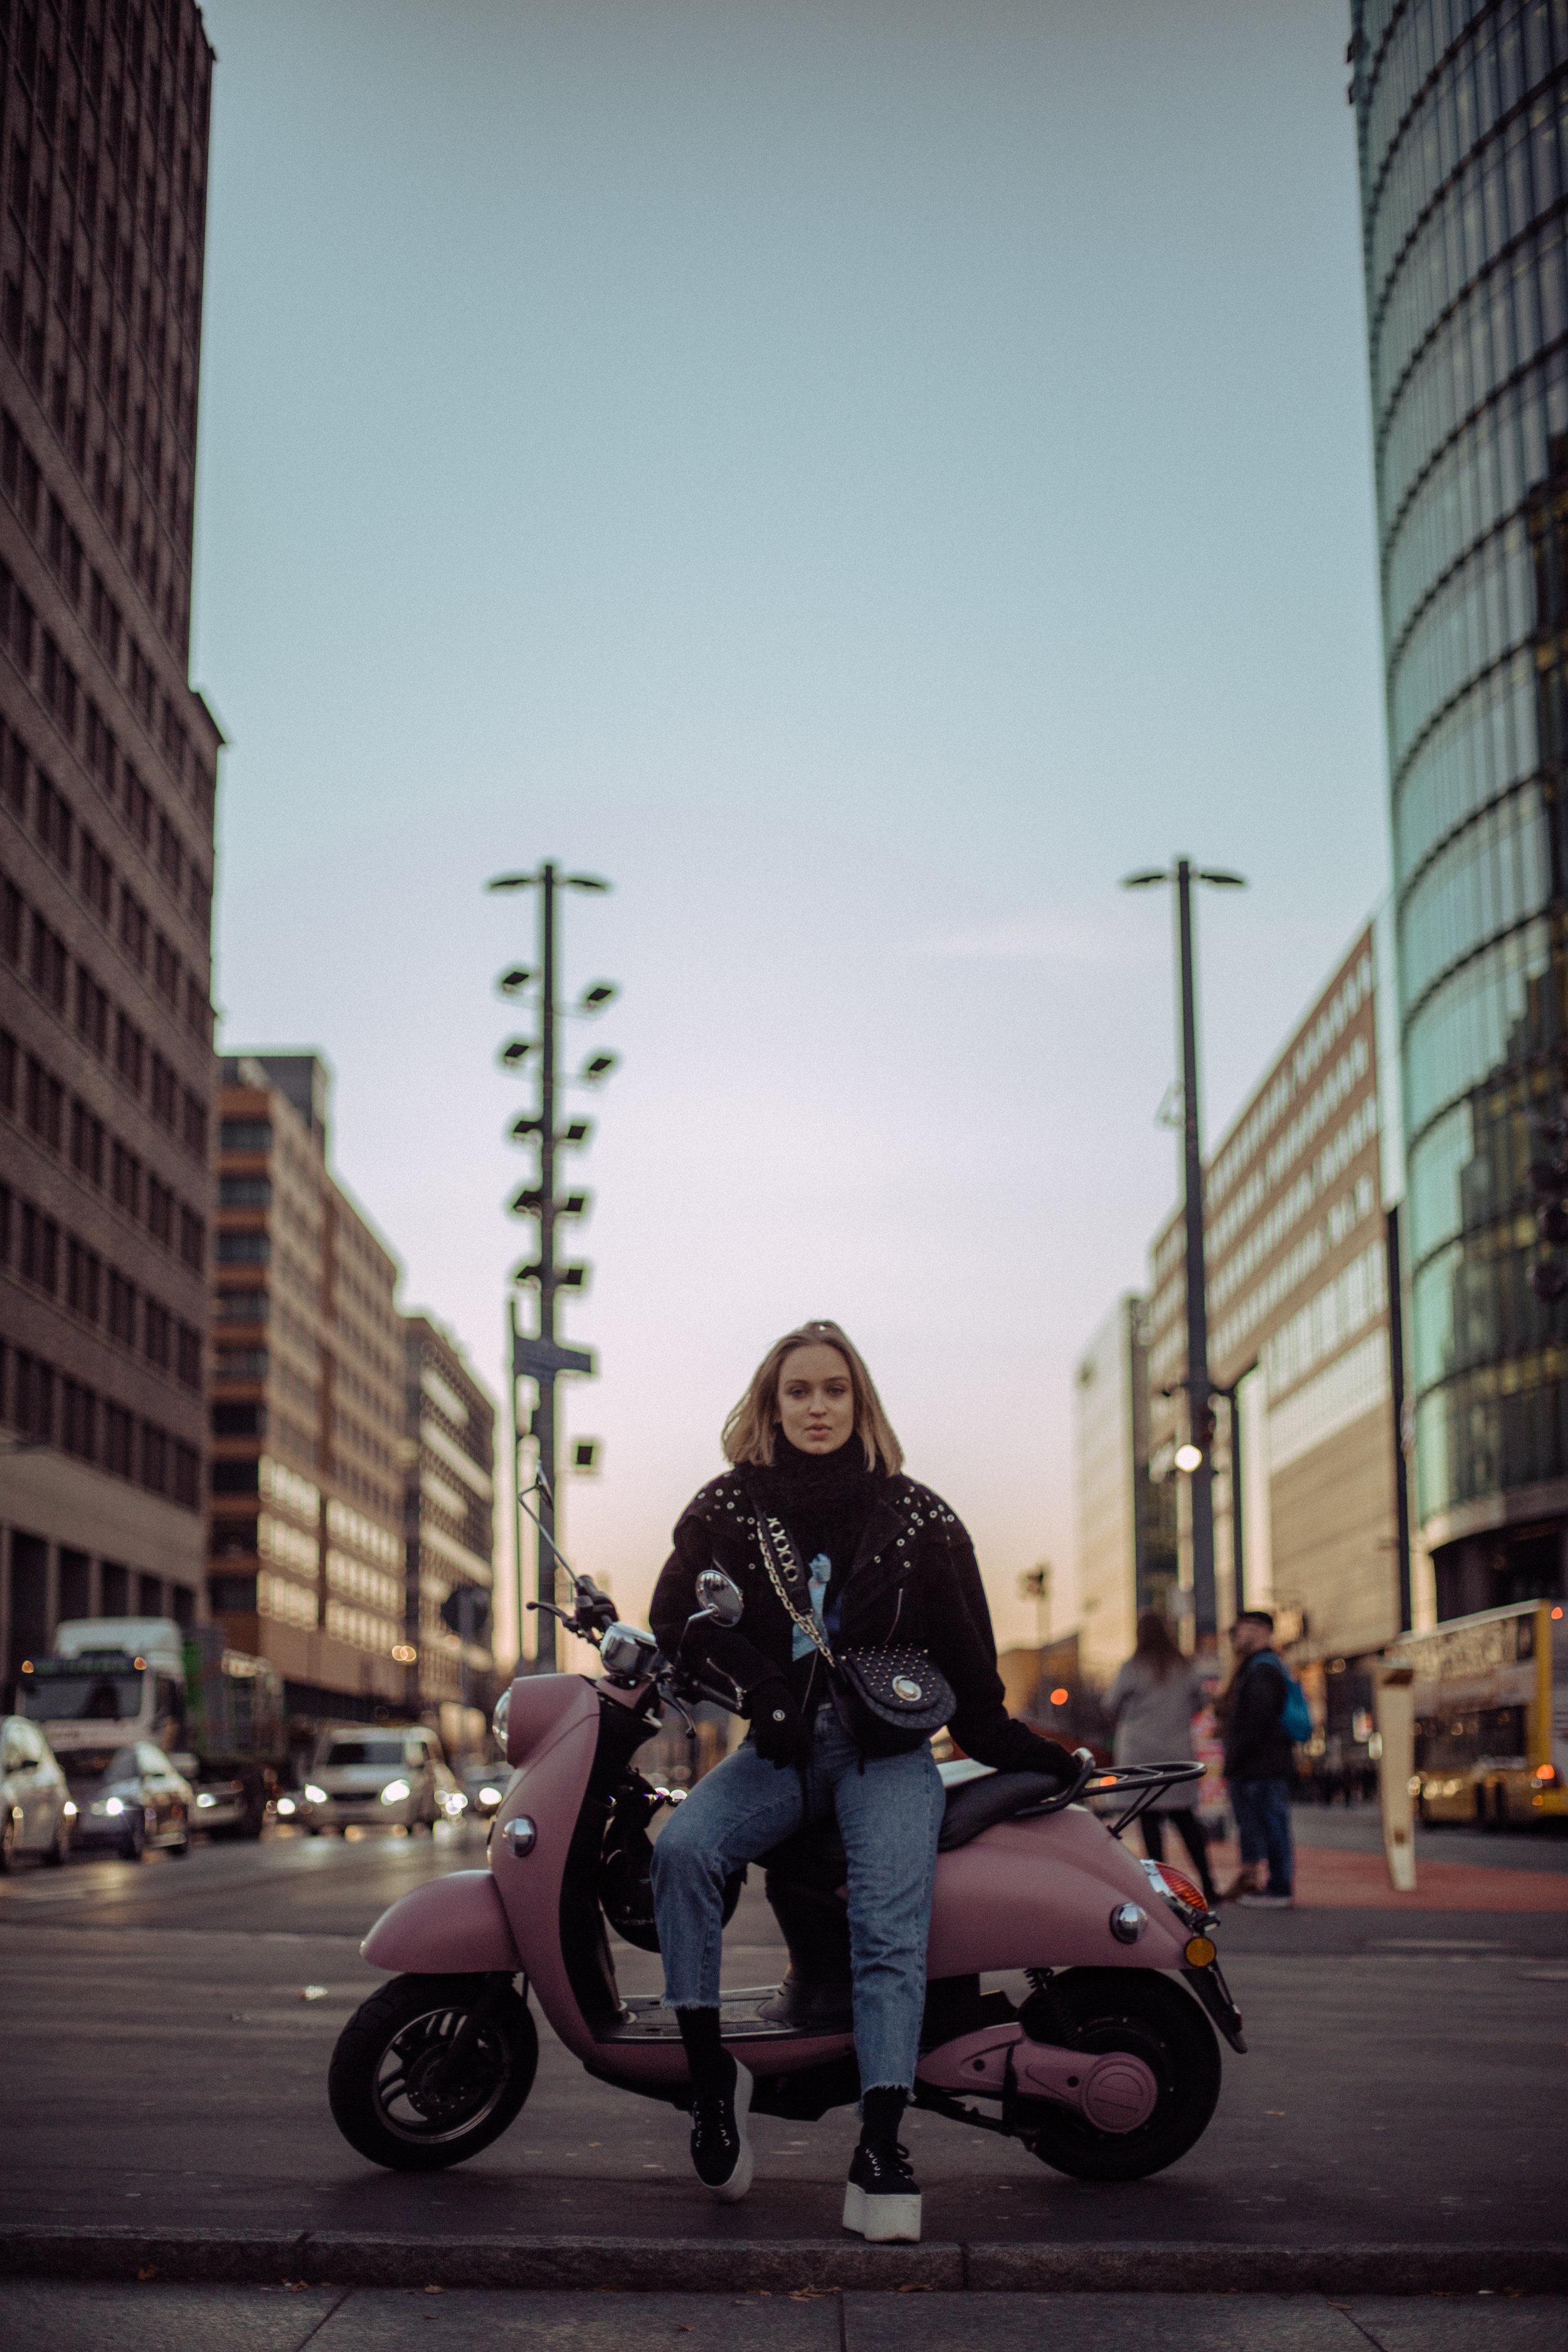 """""""Berlin ist für mich eine charmante, freche Persönlichkeit (…) Man muss sie einfach lieben – trotz all ihrer Mysterien und dunklen Seiten."""" Caro Cult"""